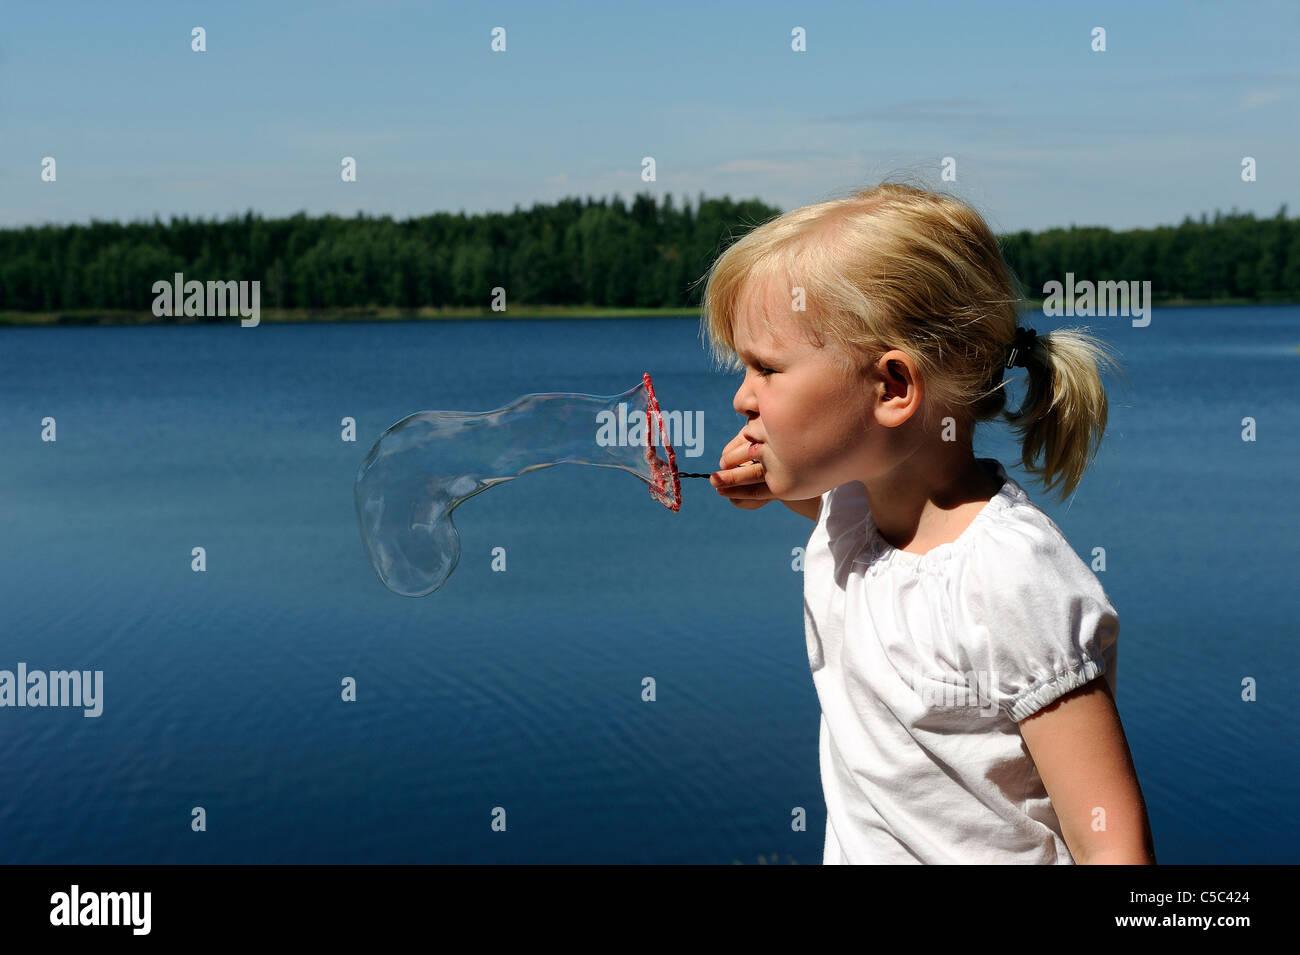 Vista lateral de una chica soplando burbujas de jabón contra el pacífico lago Foto de stock